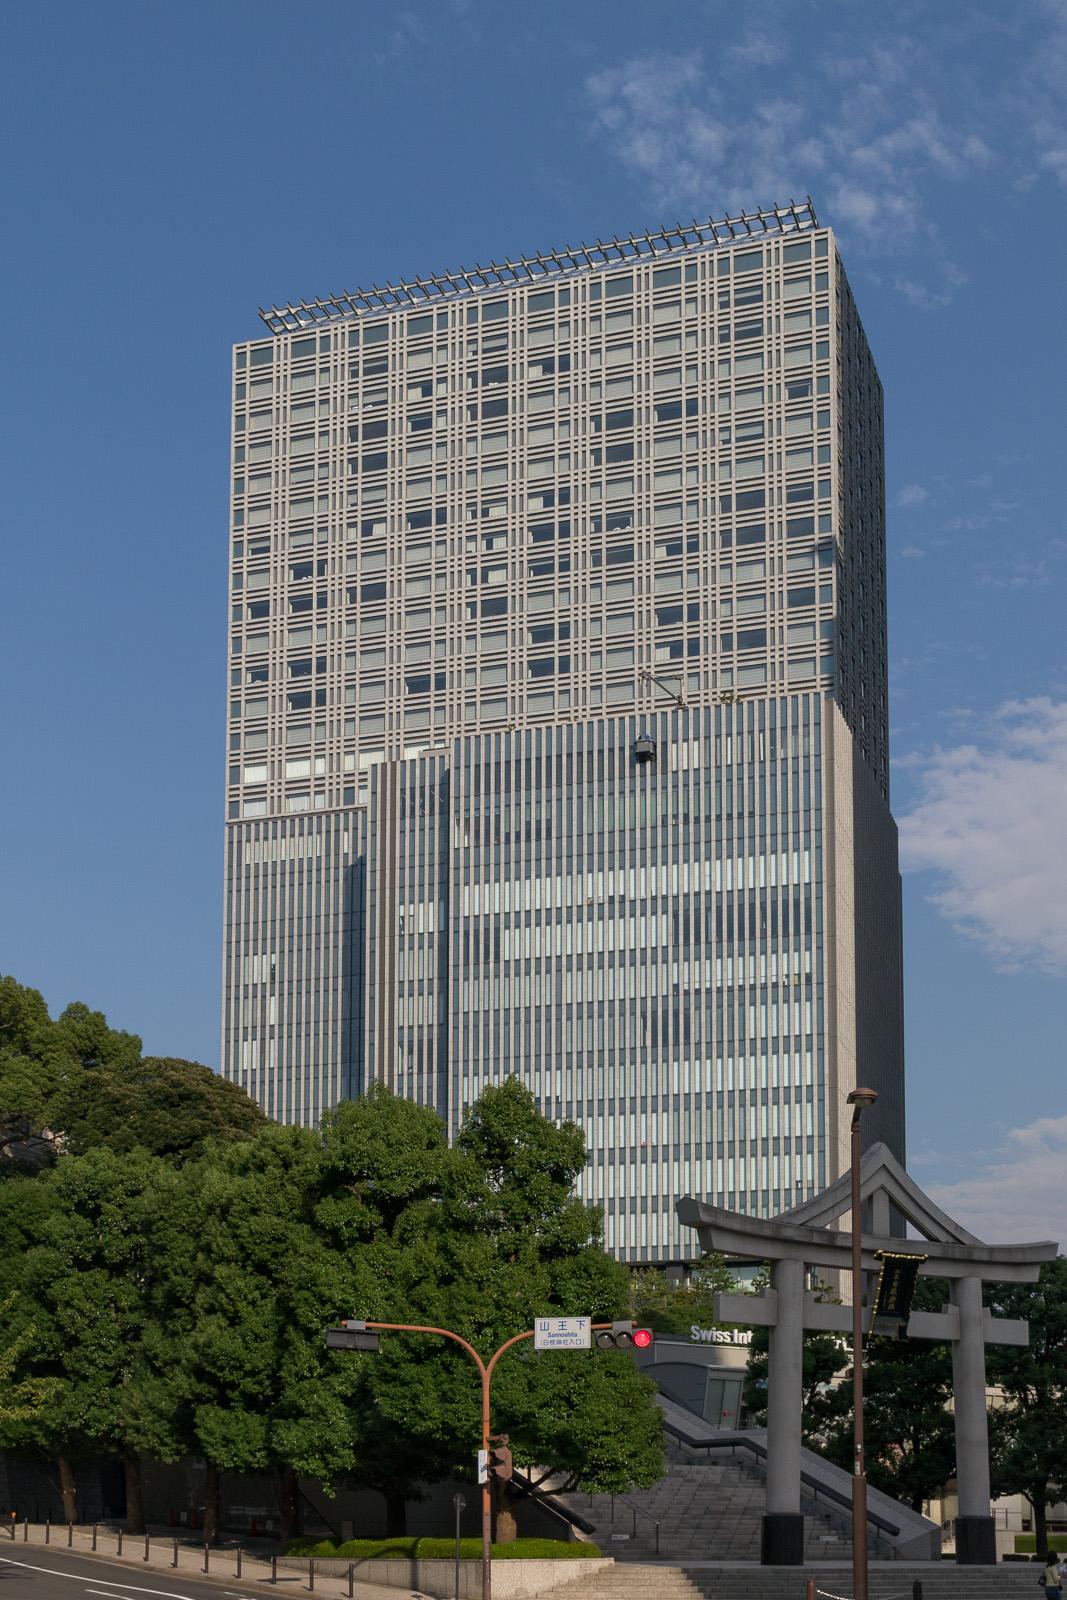 キャピタル ホテル 東急